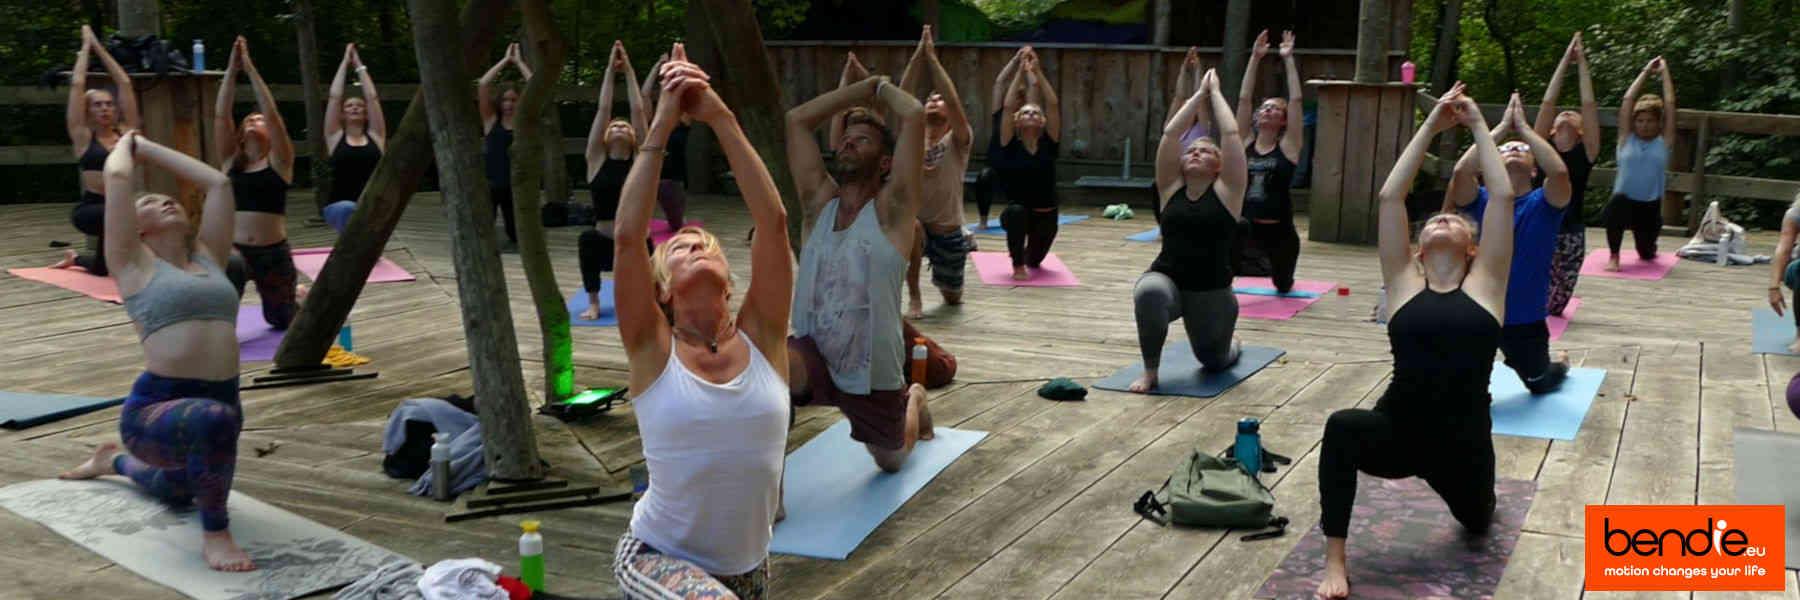 Yoga bij Bendie